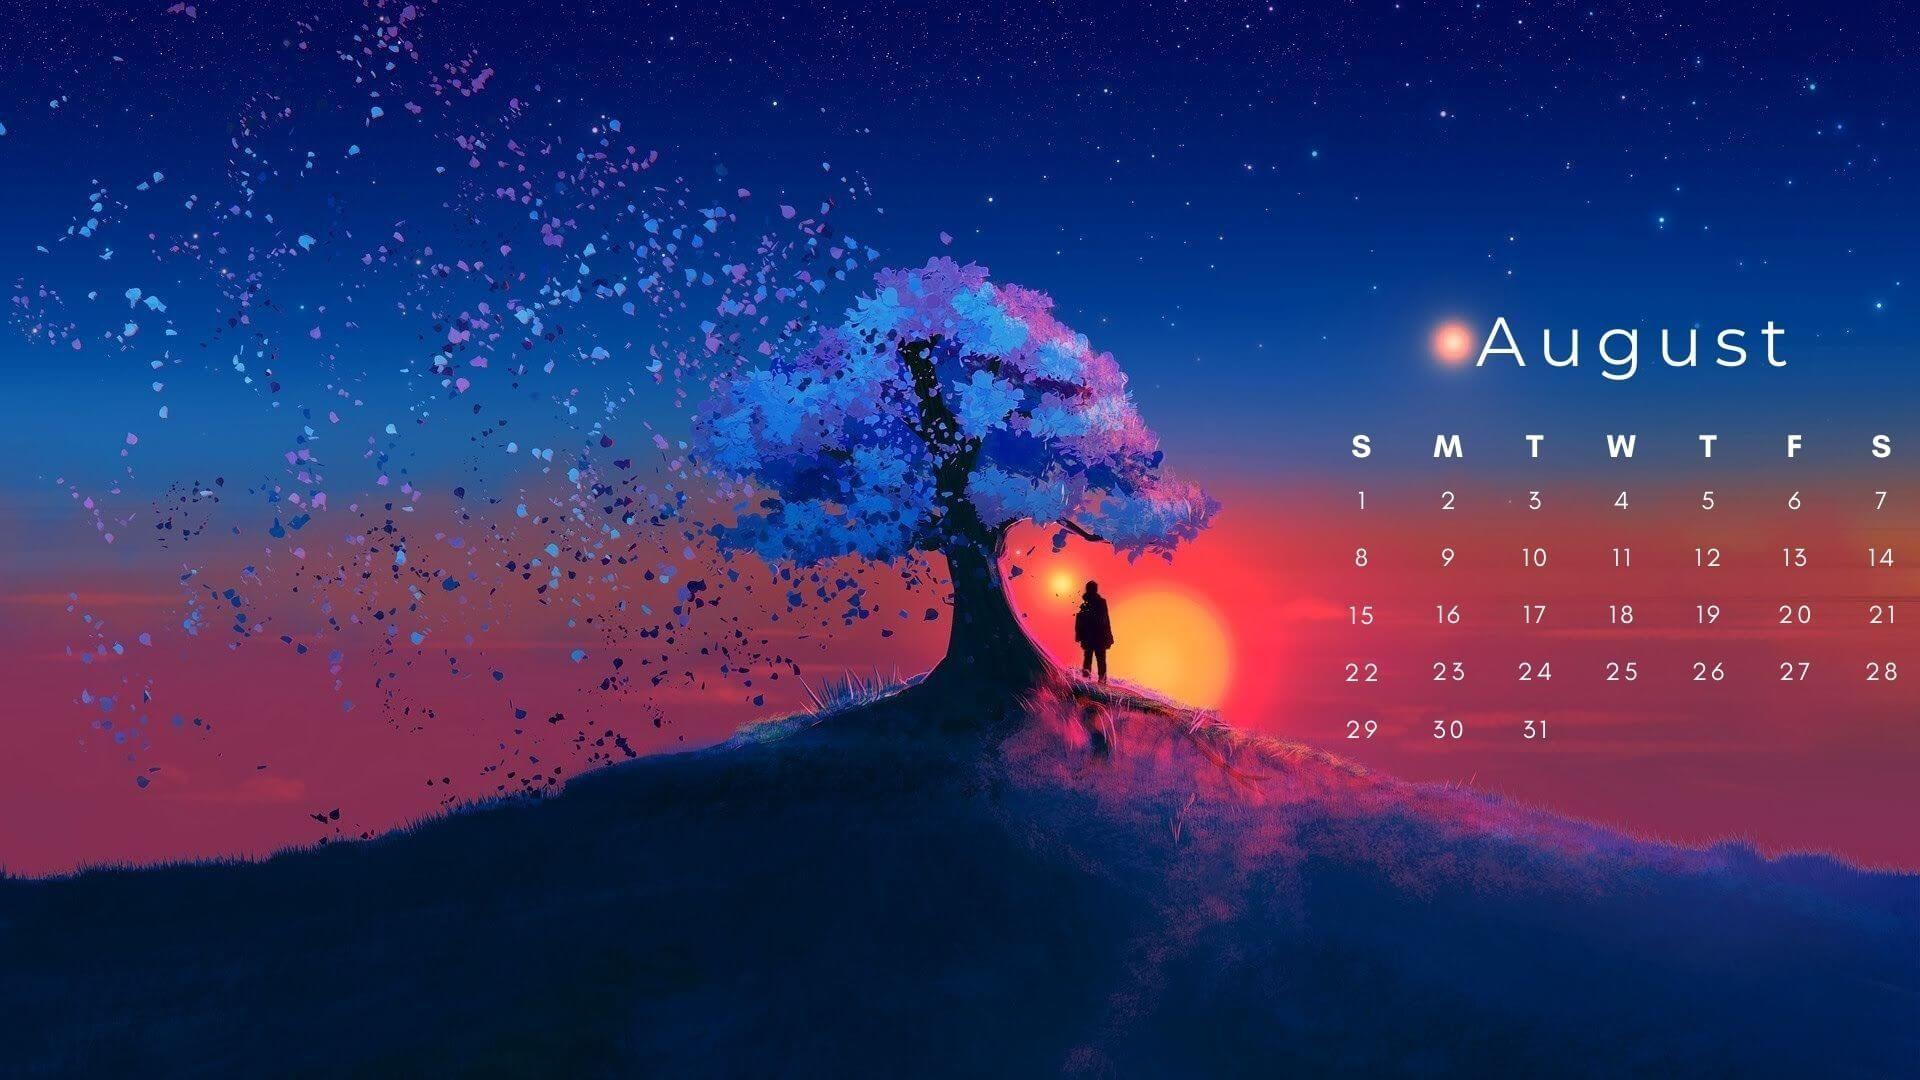 110 Best August Calendar ideas in 2021 august calendar calendar 1920x1080